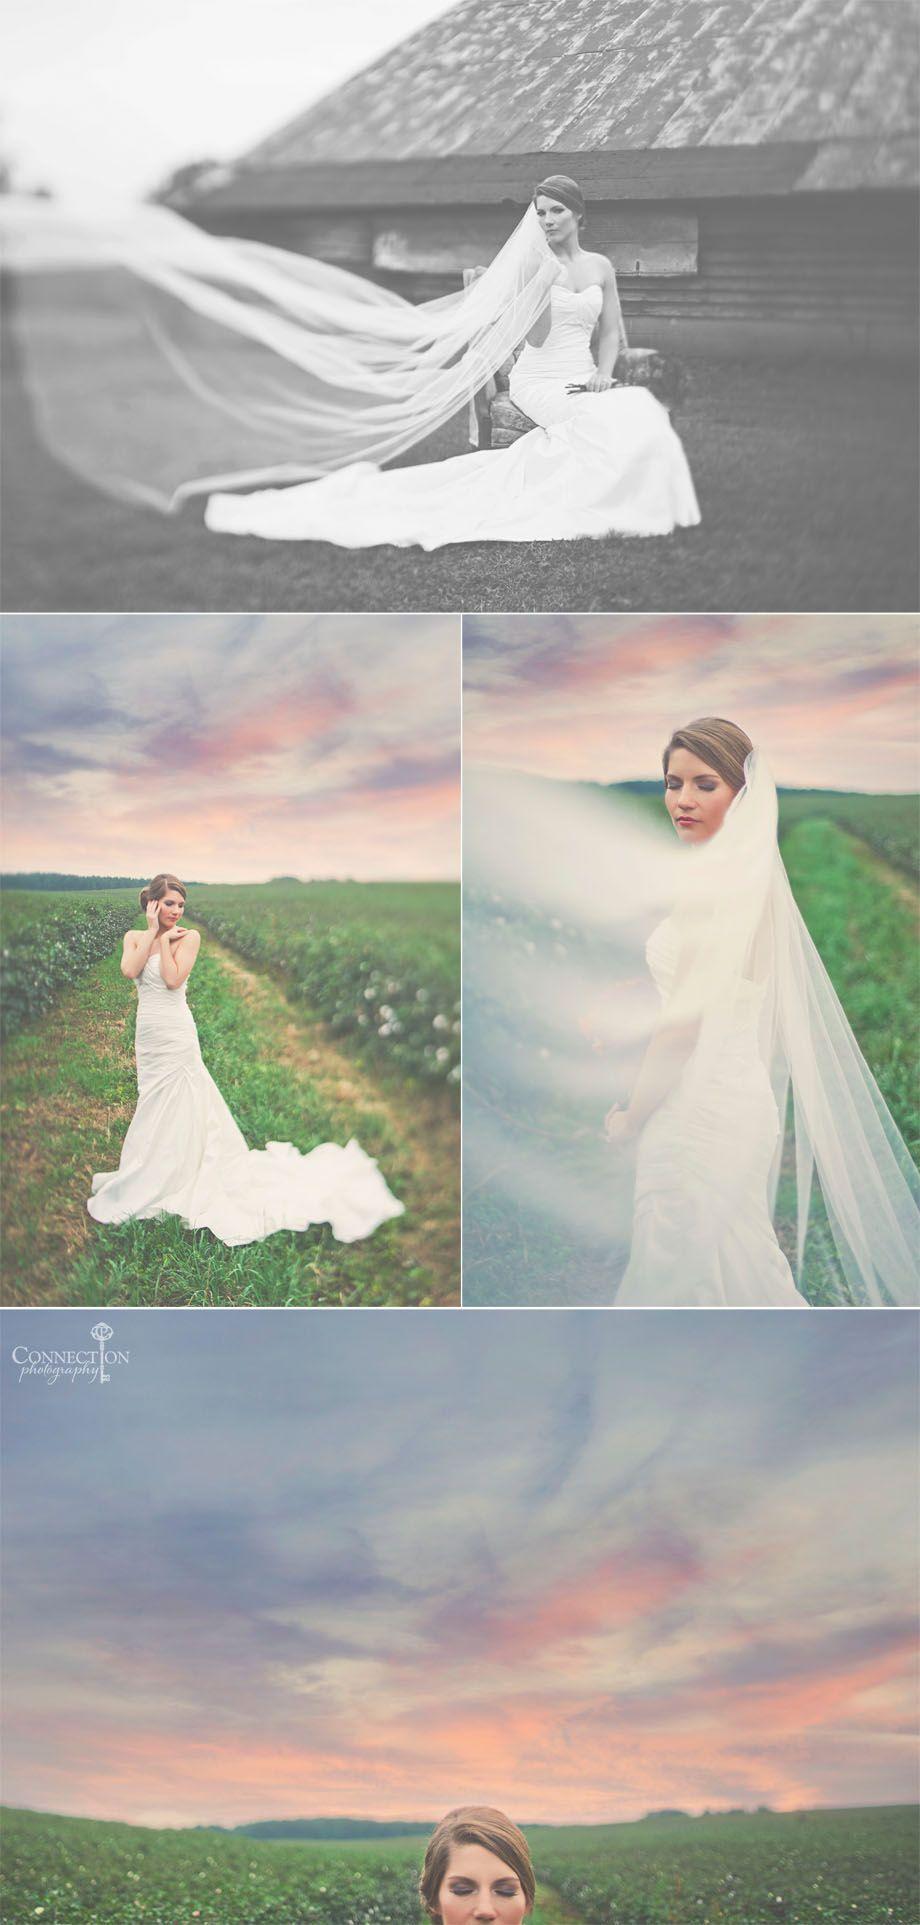 Whirlwind {Creative Wedding Photography} » Connection Photography Blog–Traveling Wedding Photography